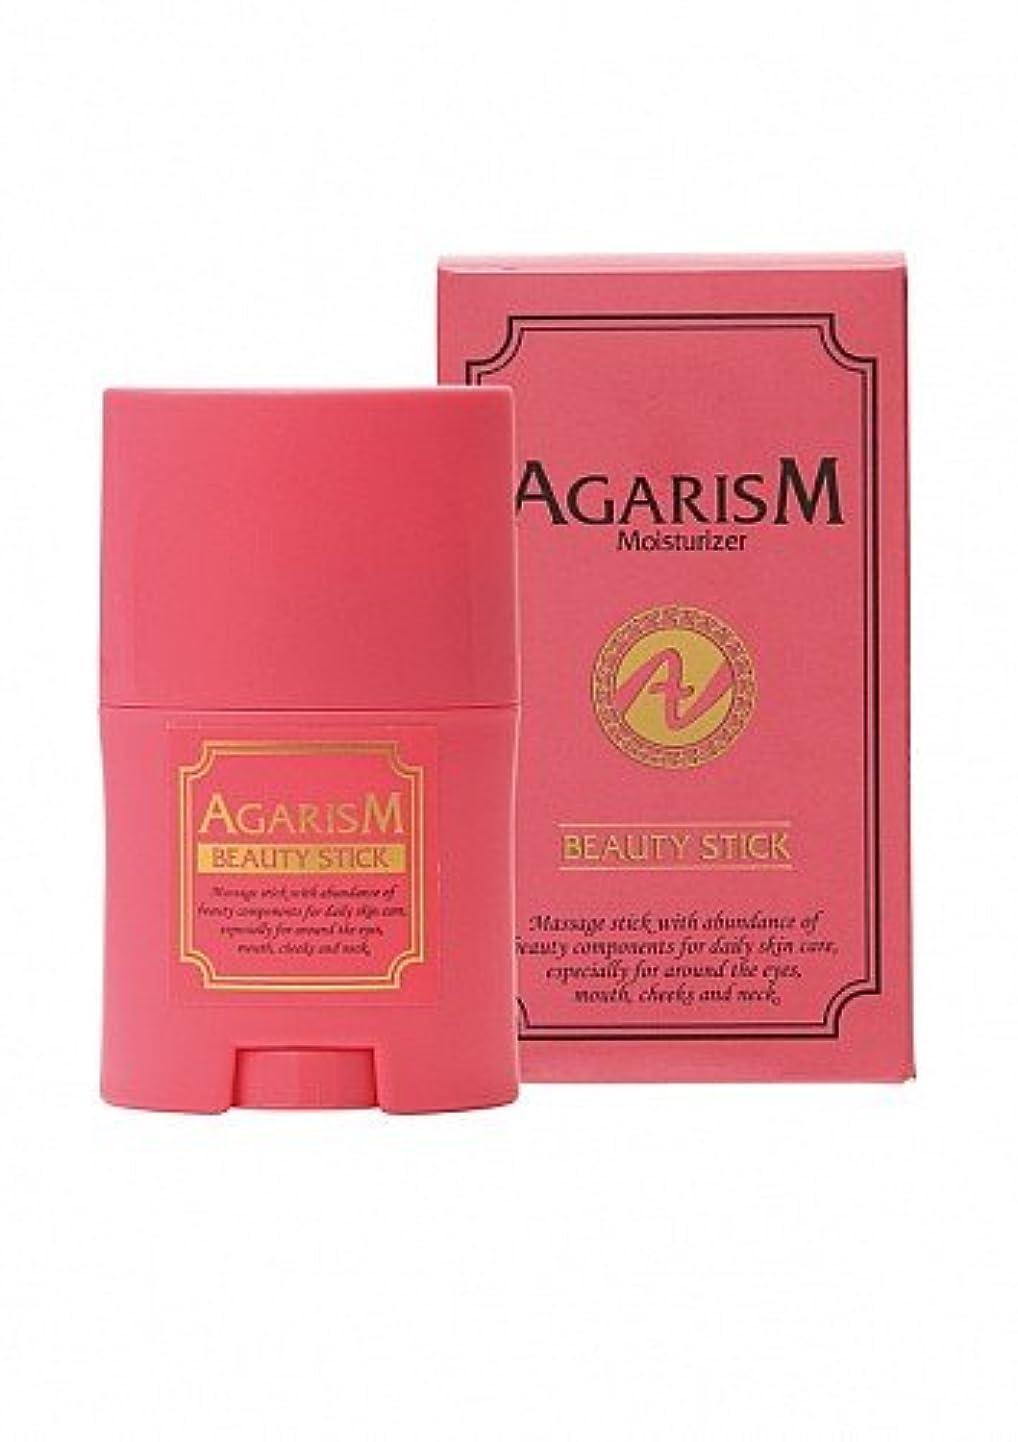 避難するほのか裁量AGARISM モイスチャライザー アガリズム 小顔ローラー 美容クリーム むくみ防止 保湿 引き締め成分 天然オイル配合